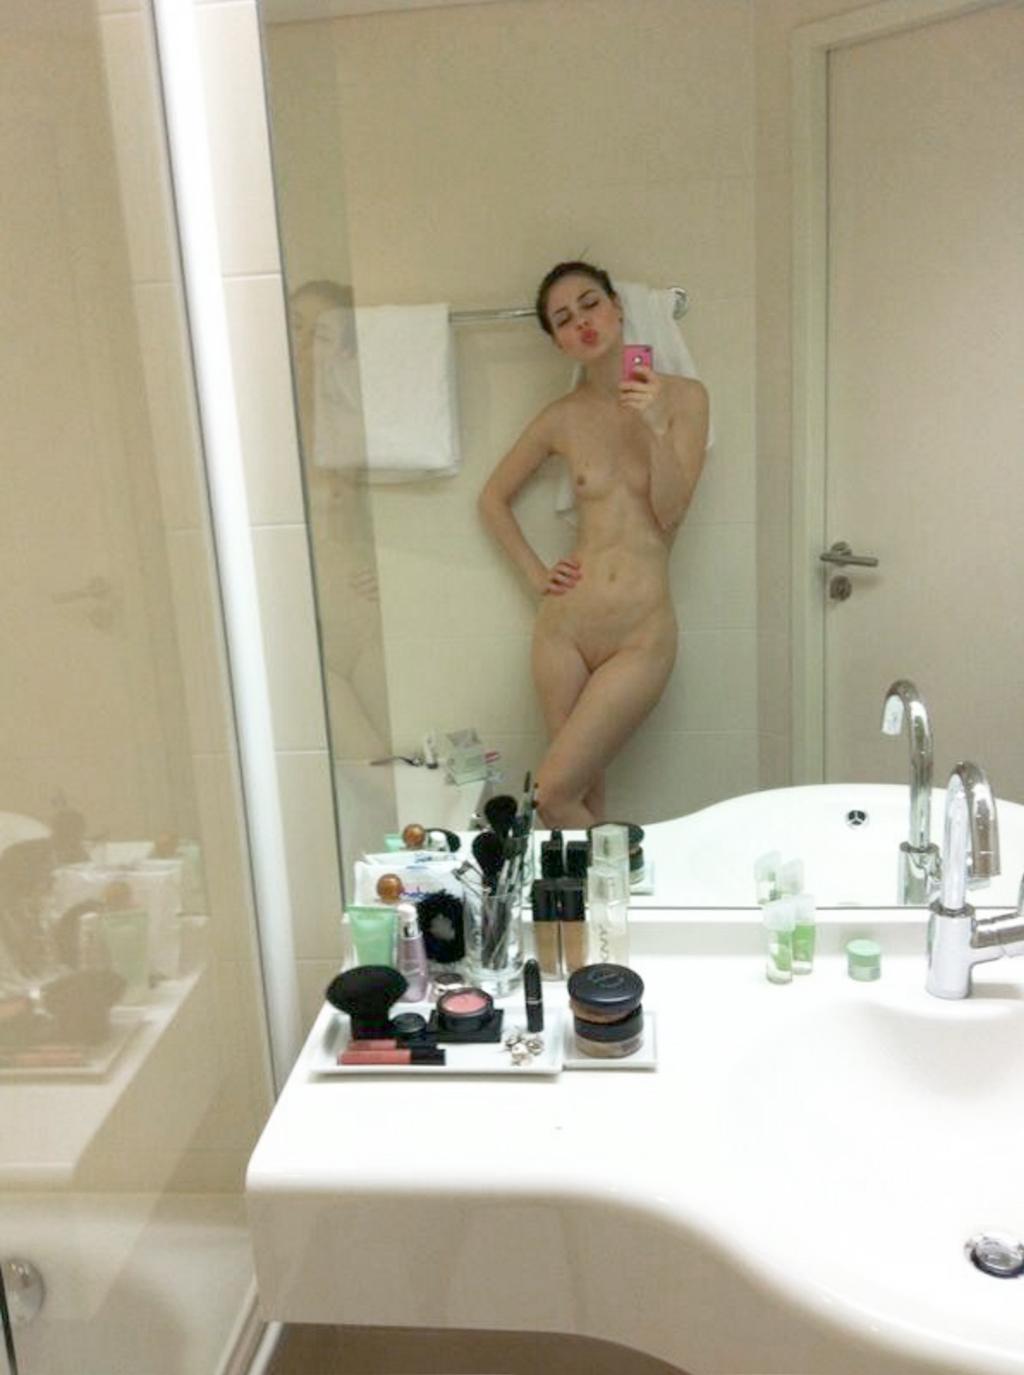 Lena Meyer-Landrut Leaked